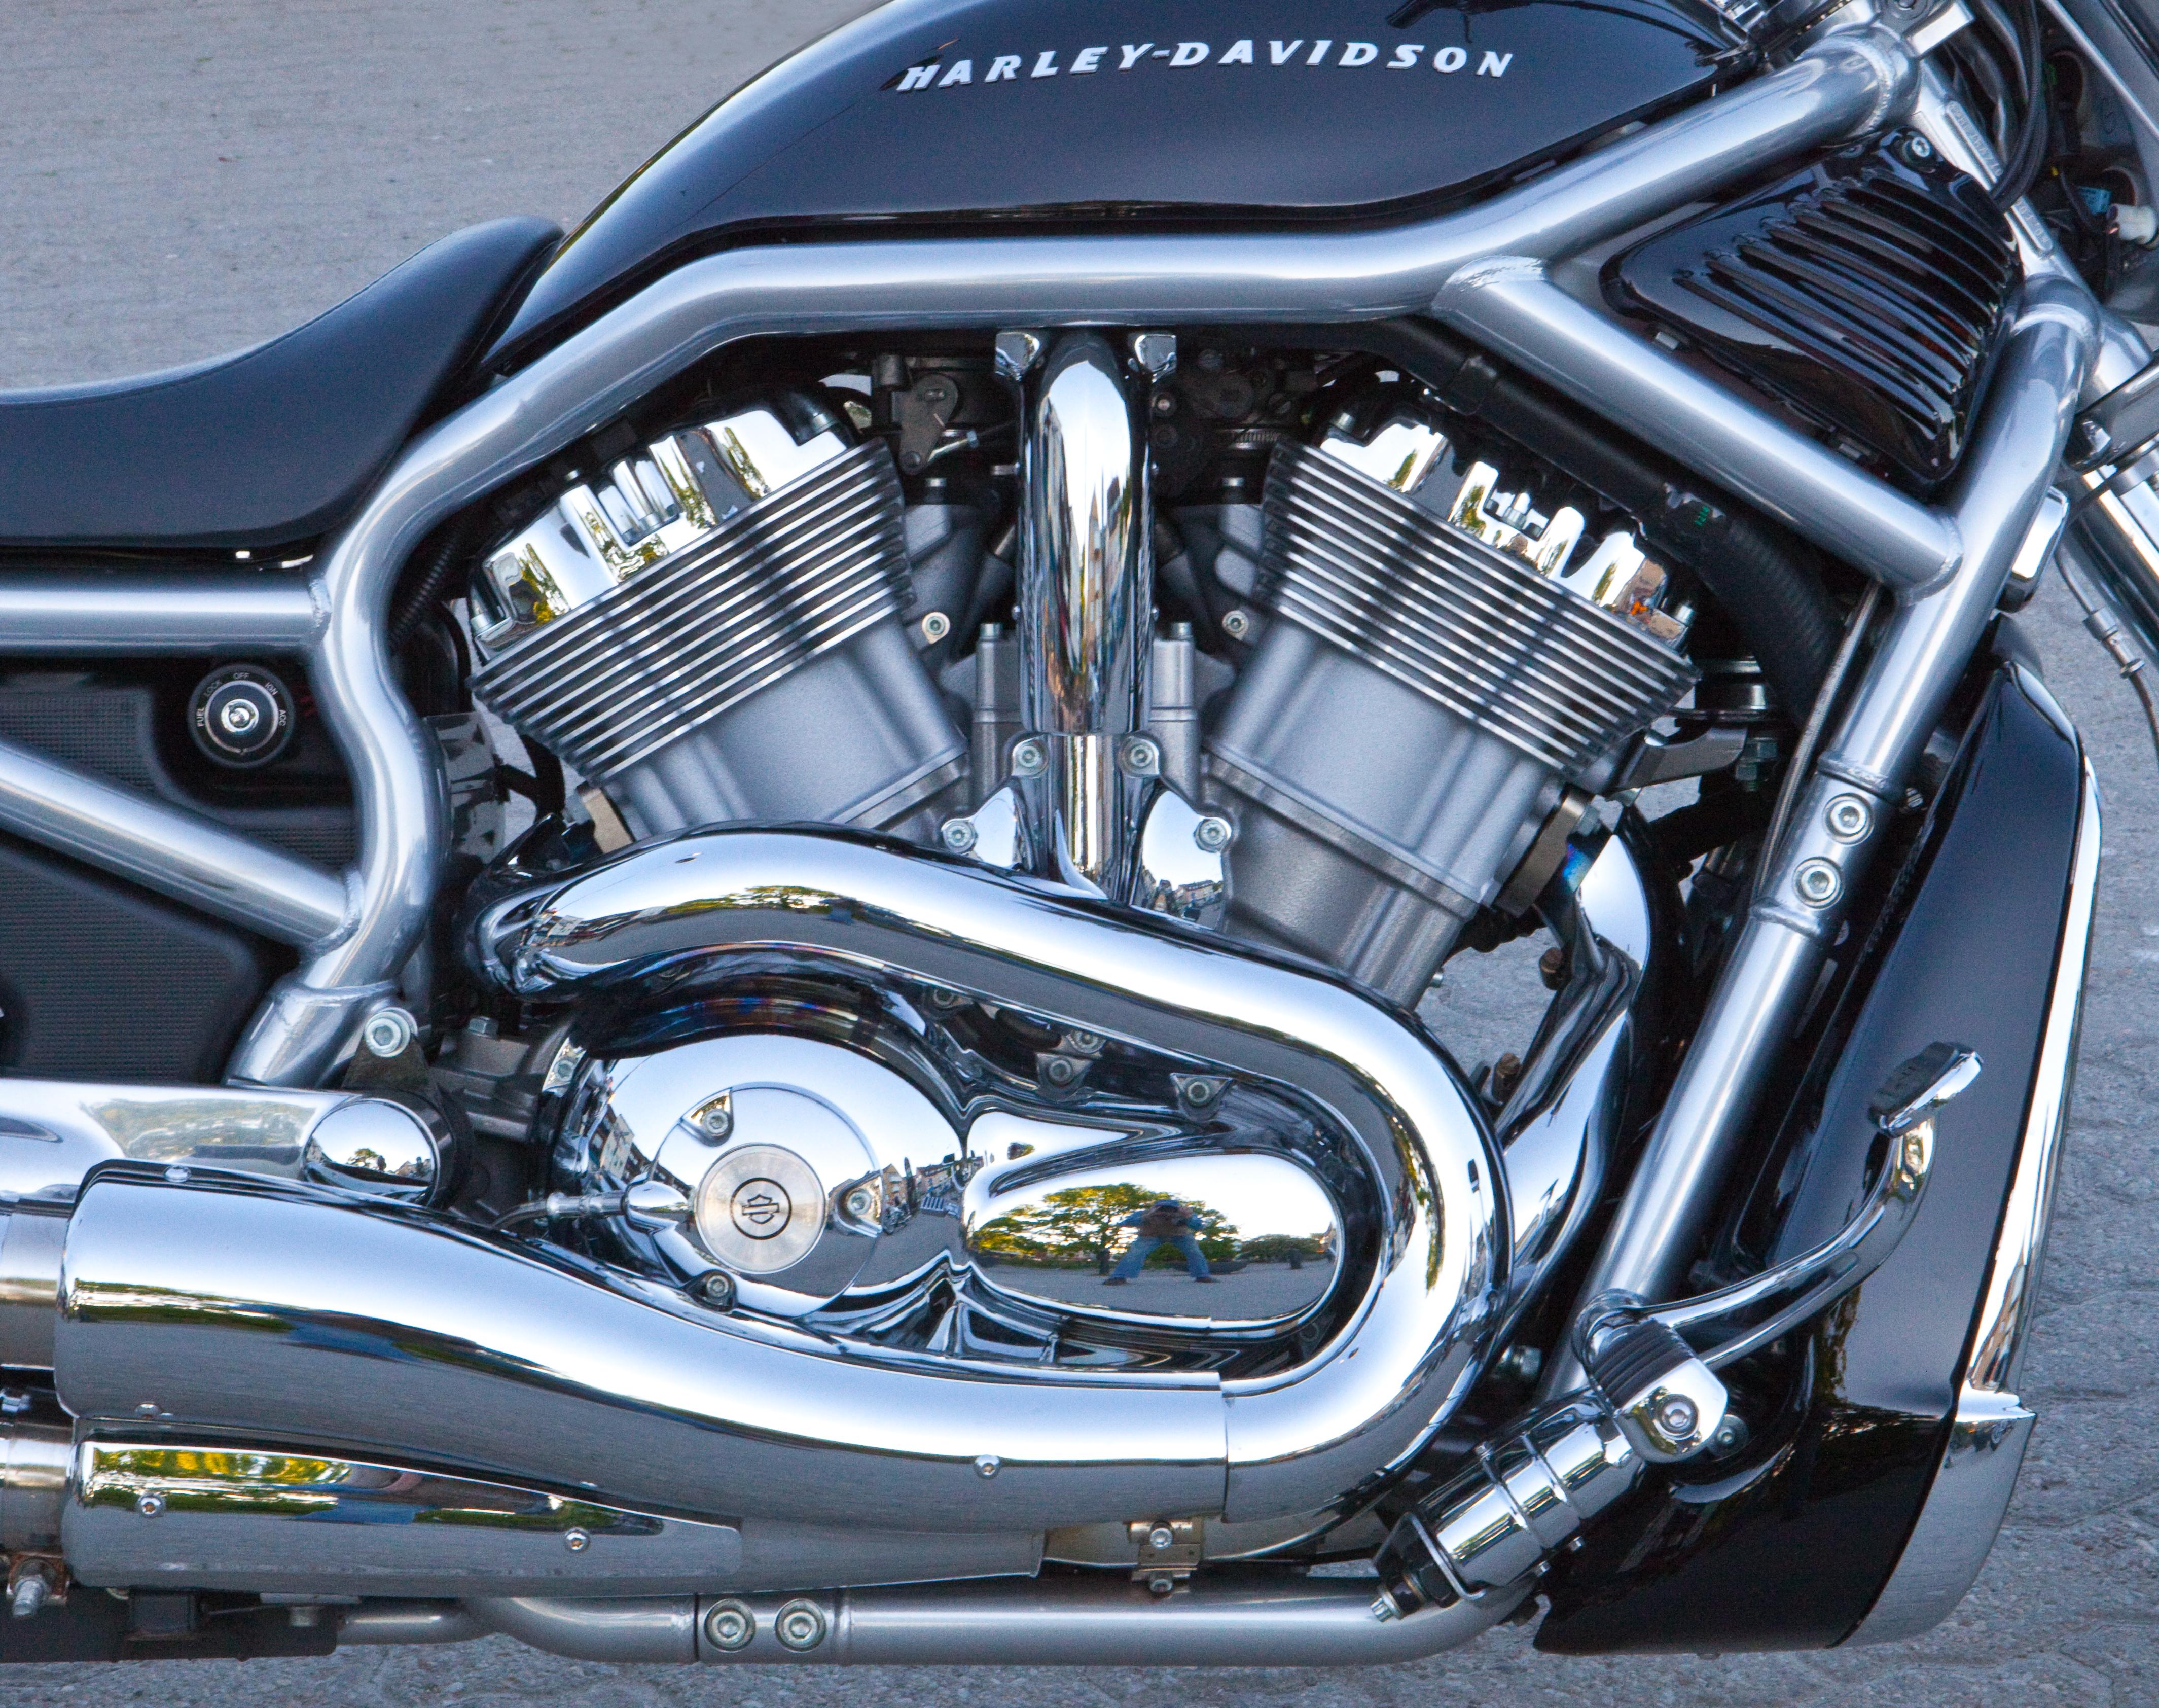 Description motorcycle engine 2012